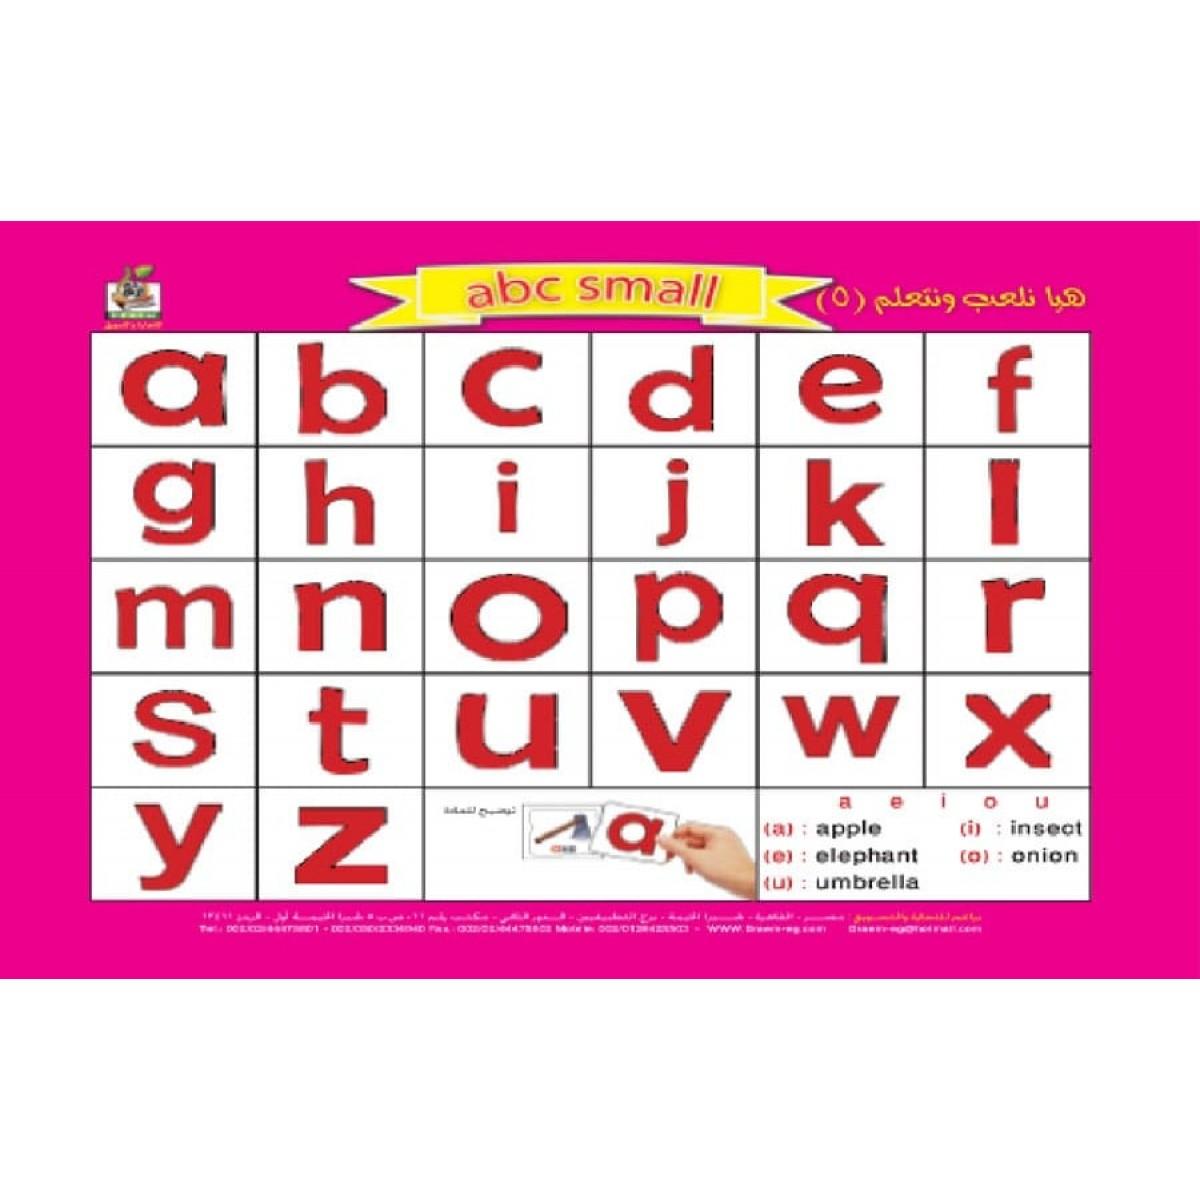 هيا نلعب ونتعلم abc small, مقاس الكتاب 33*27 سم